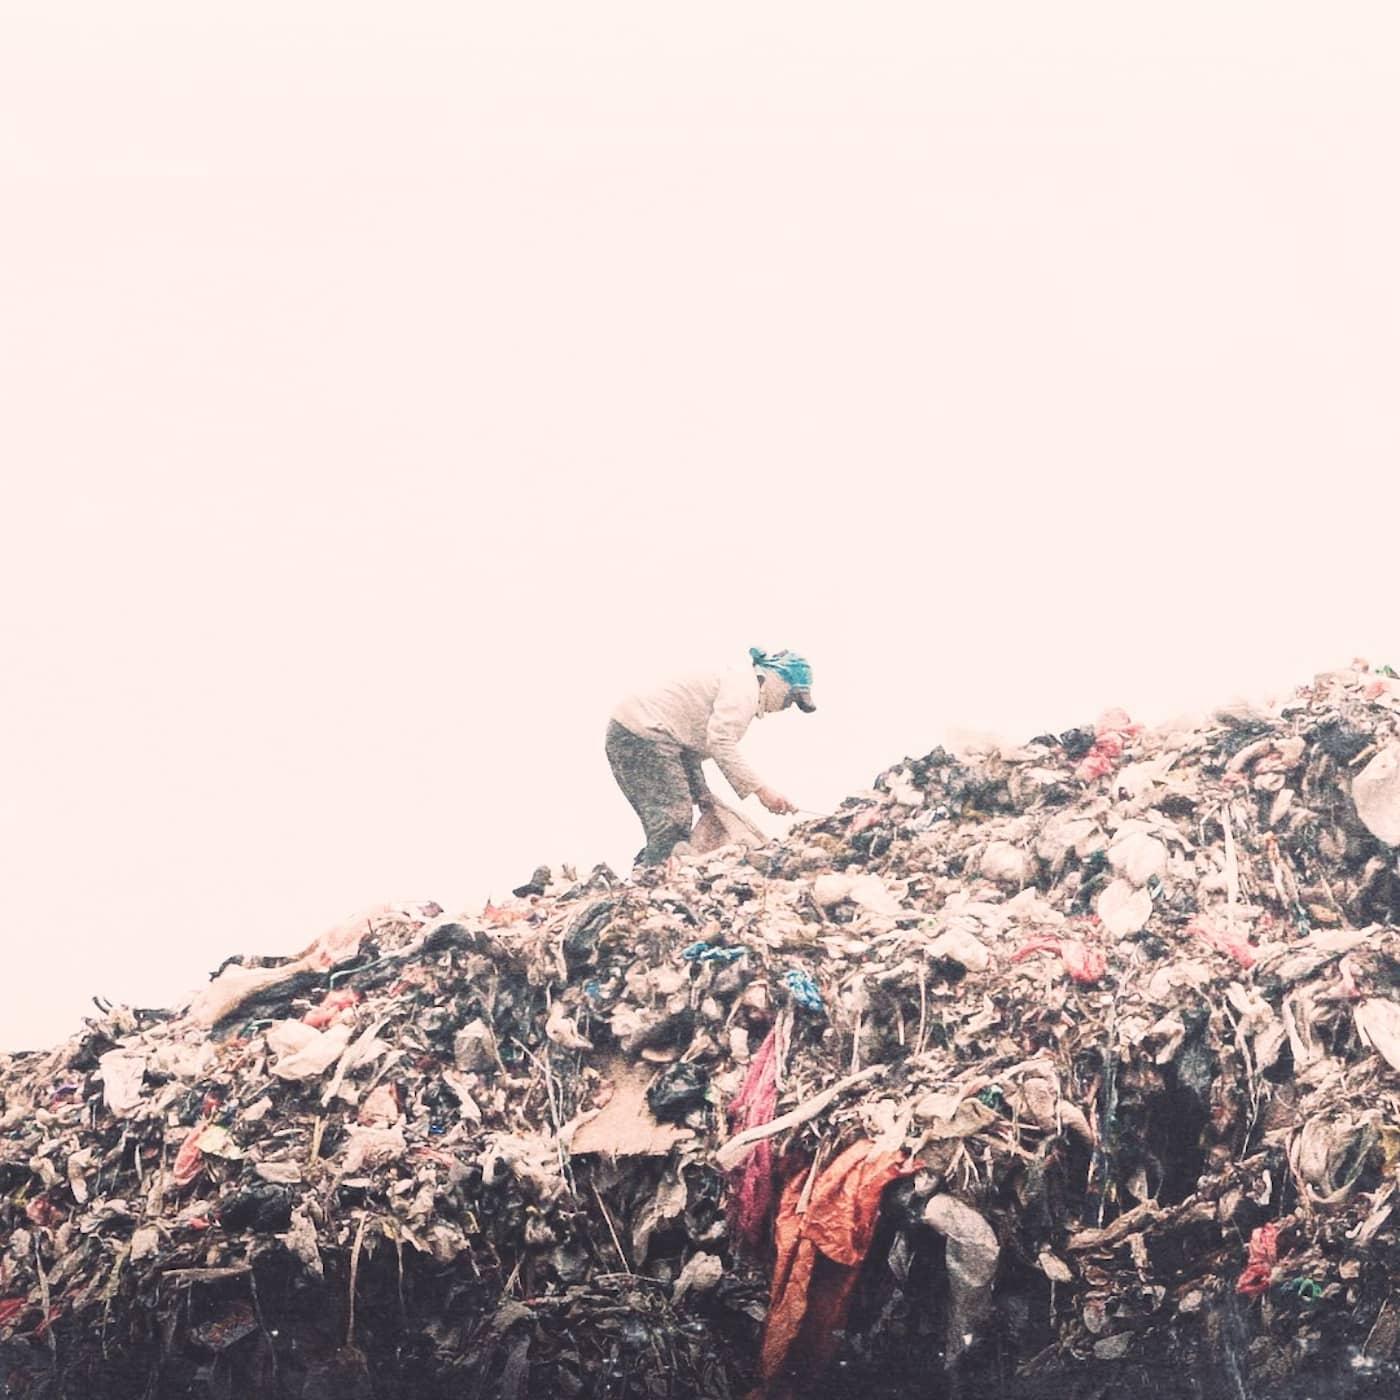 En värld som drunknar i sopor